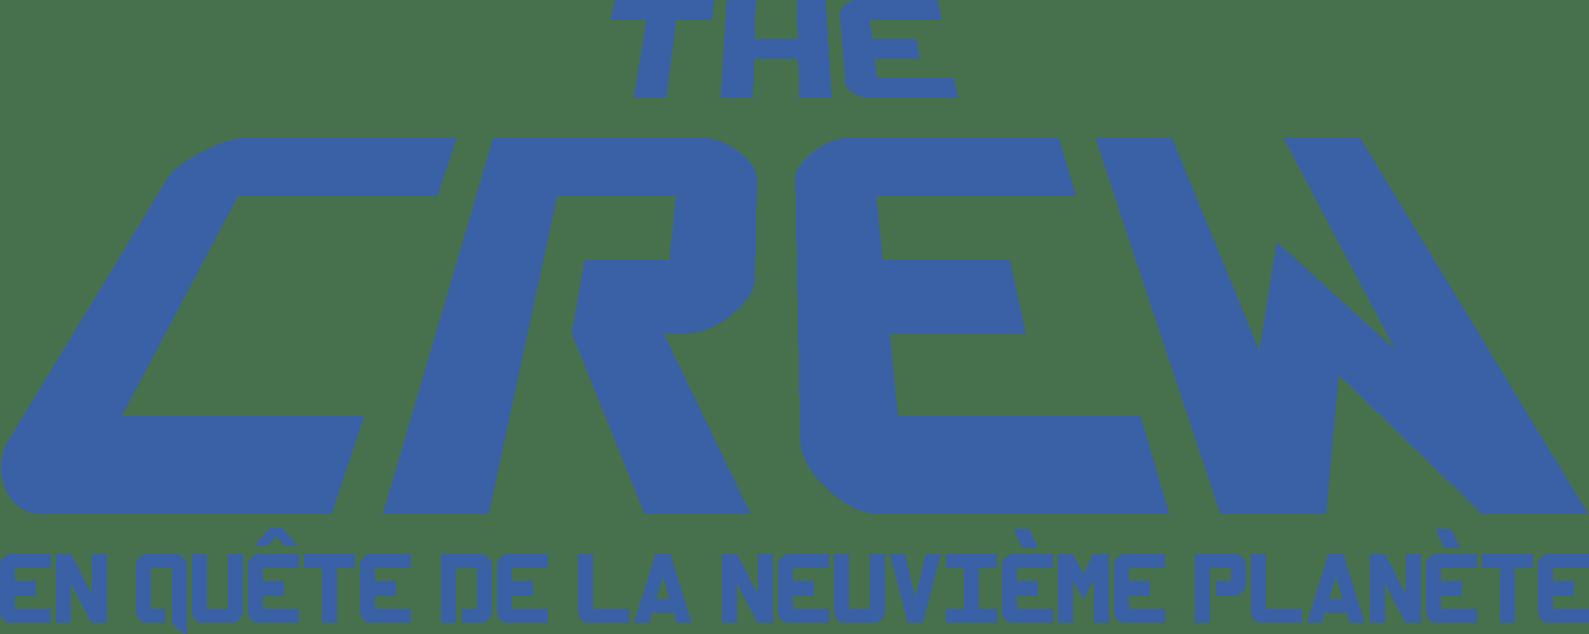 Acheter The Crew - Jeux de société - Iello - Le Nuage de Charlotte